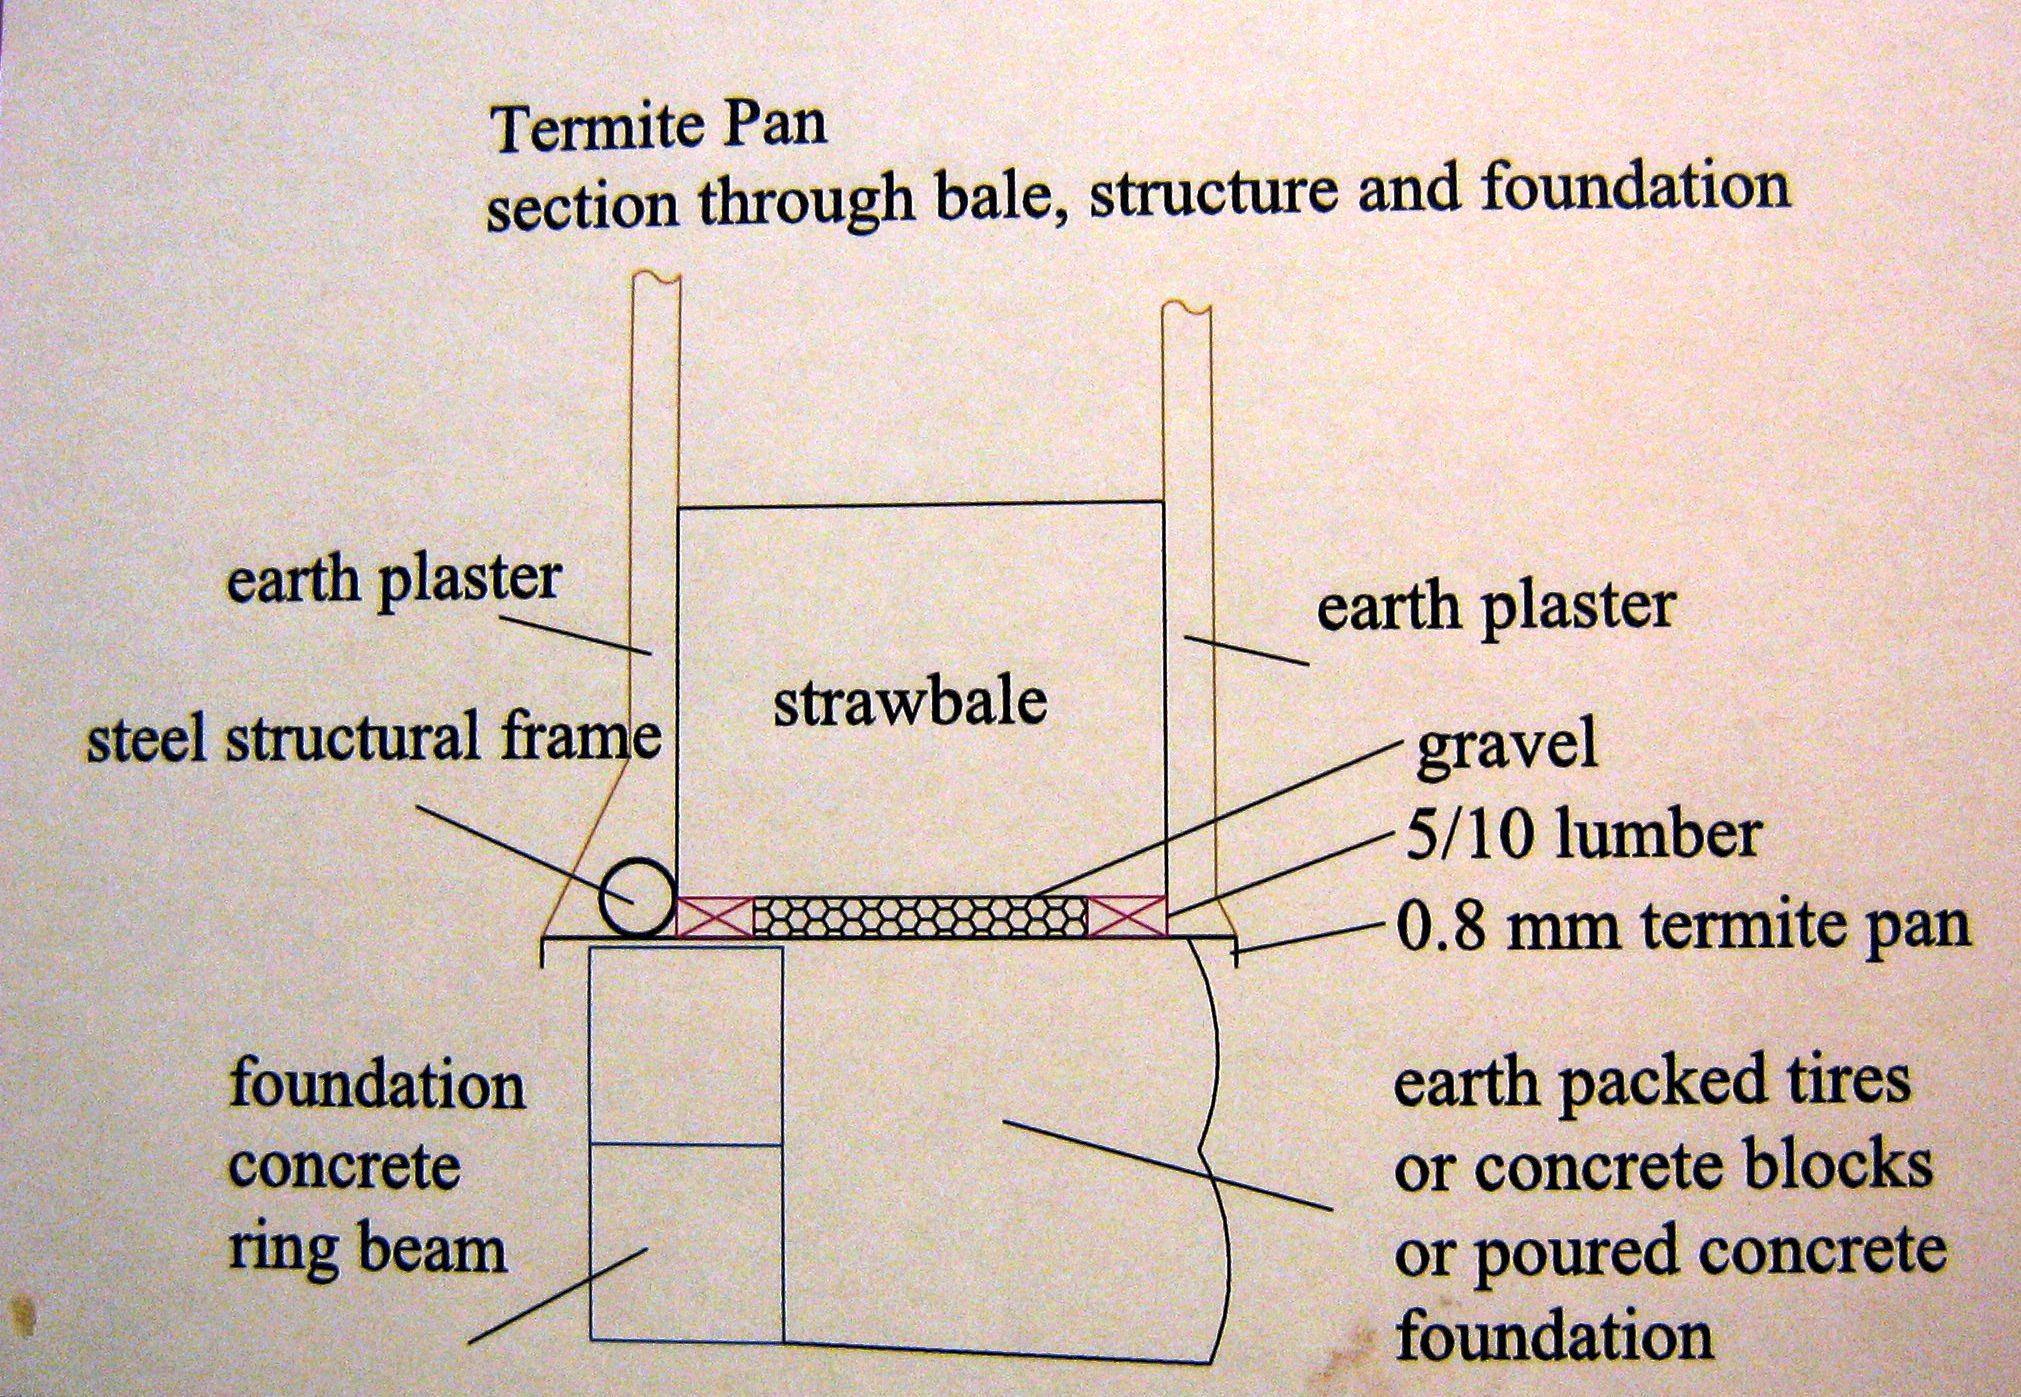 הסבר סכמטי על מבנה יסודות